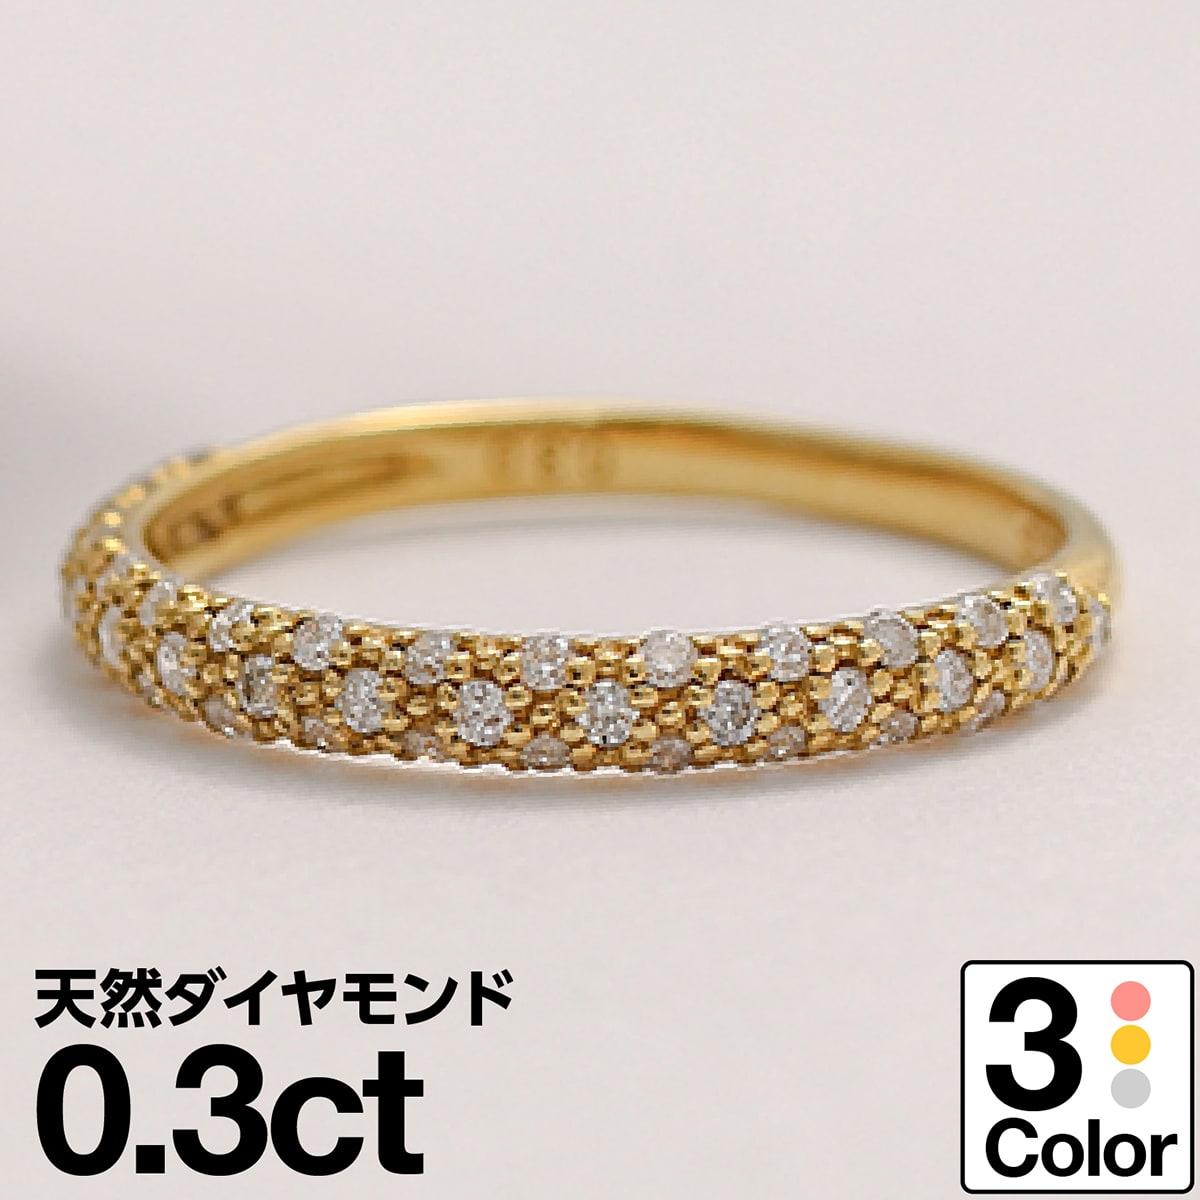 パヴェ ダイヤモンド リング k10 イエローゴールド/ホワイトゴールド/ピンクゴールド ファッションリング 品質保証書 金属アレルギー 日本製 誕生日 ギフト